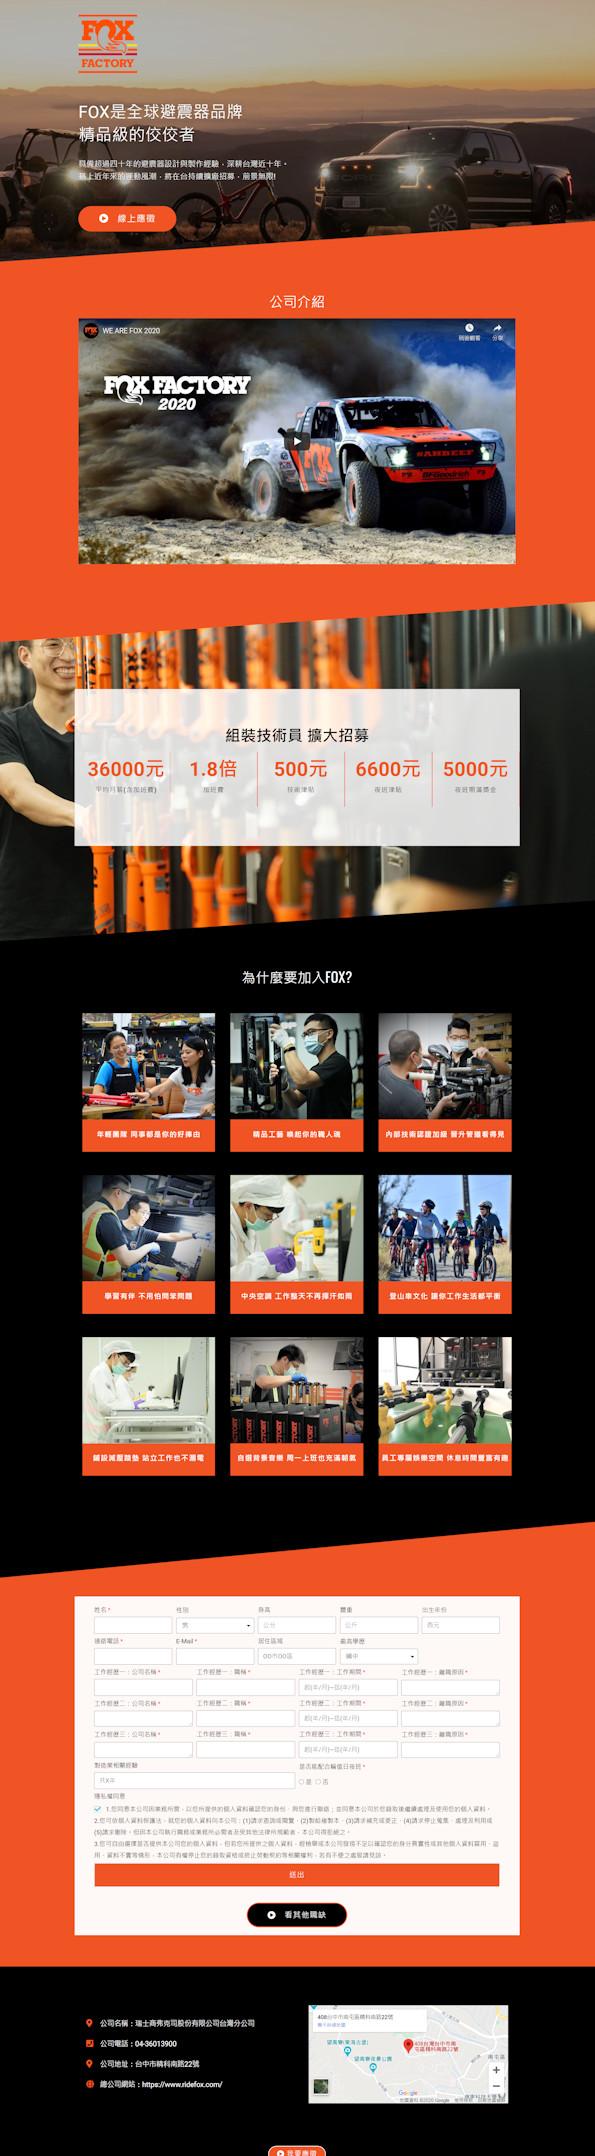 網頁設計-FOX2